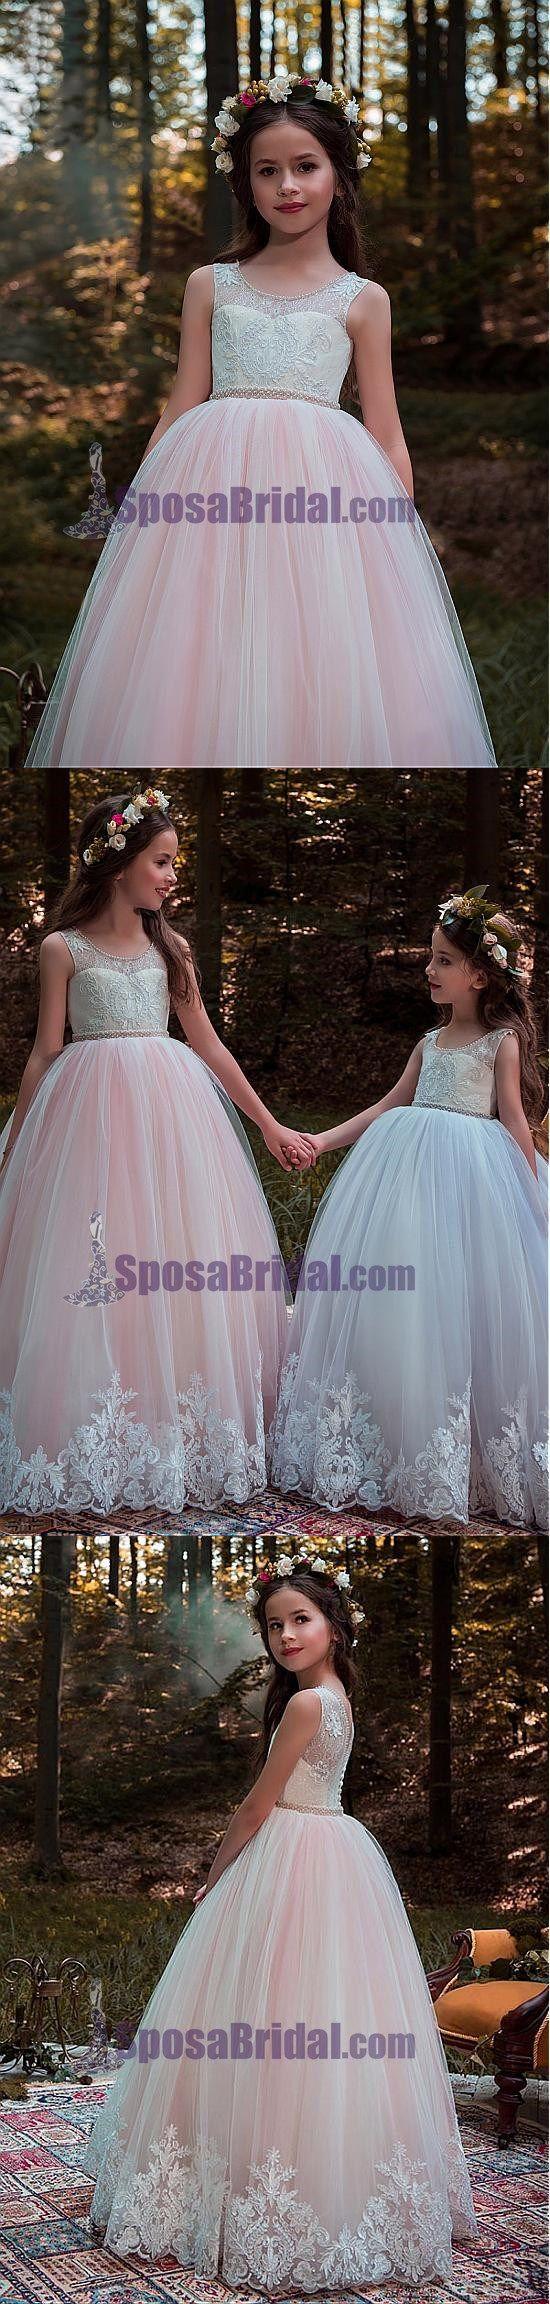 Rustic wedding flower girl dresses  Satin Formal Aling Affordable Cheap Elegant Flower Girl Dresses